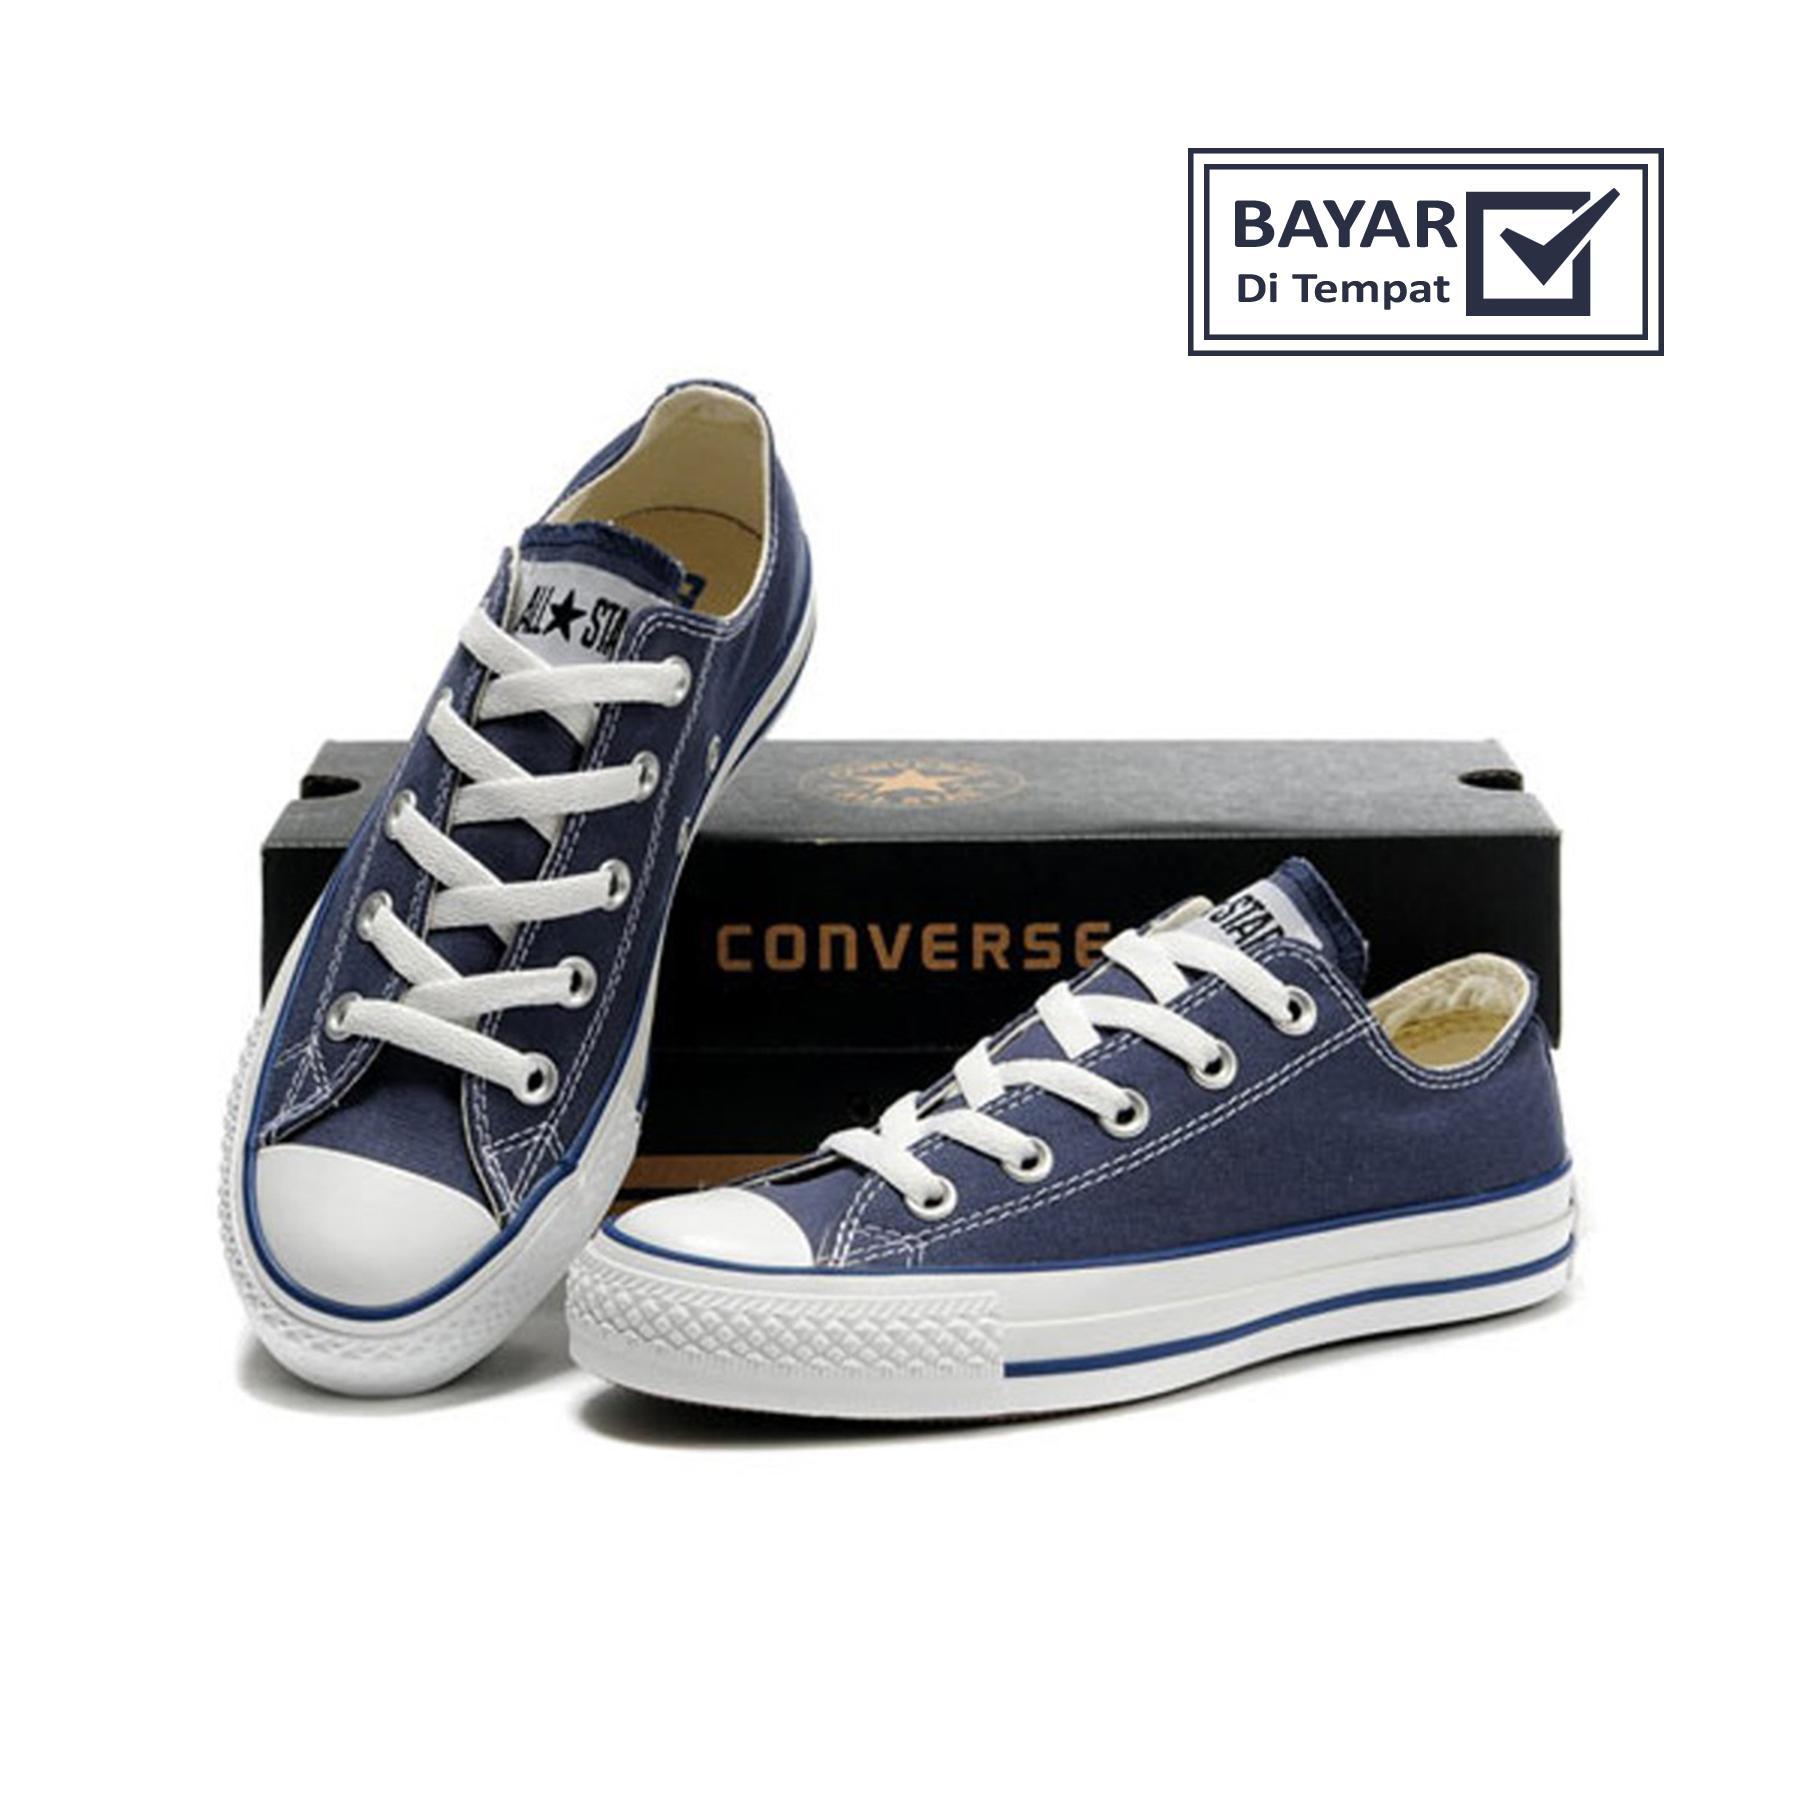 Jual Sepatu Sneakers (Wanita) Terbaru  39c4183050